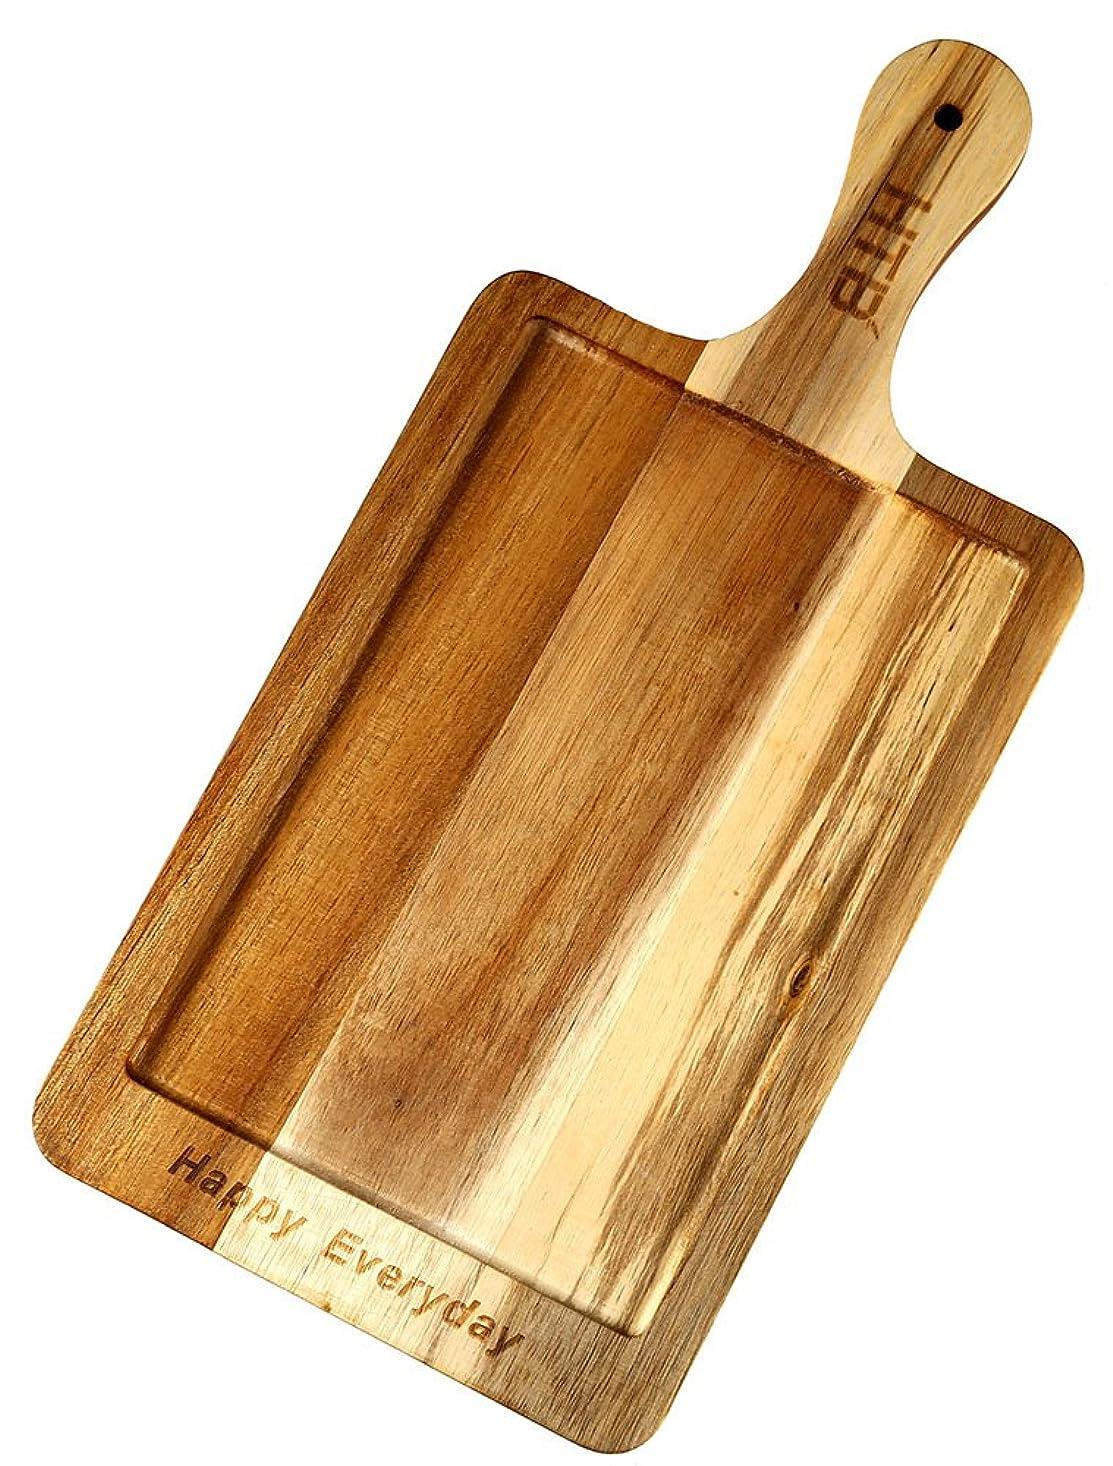 松の木スズメバチ苦味イラストパレット